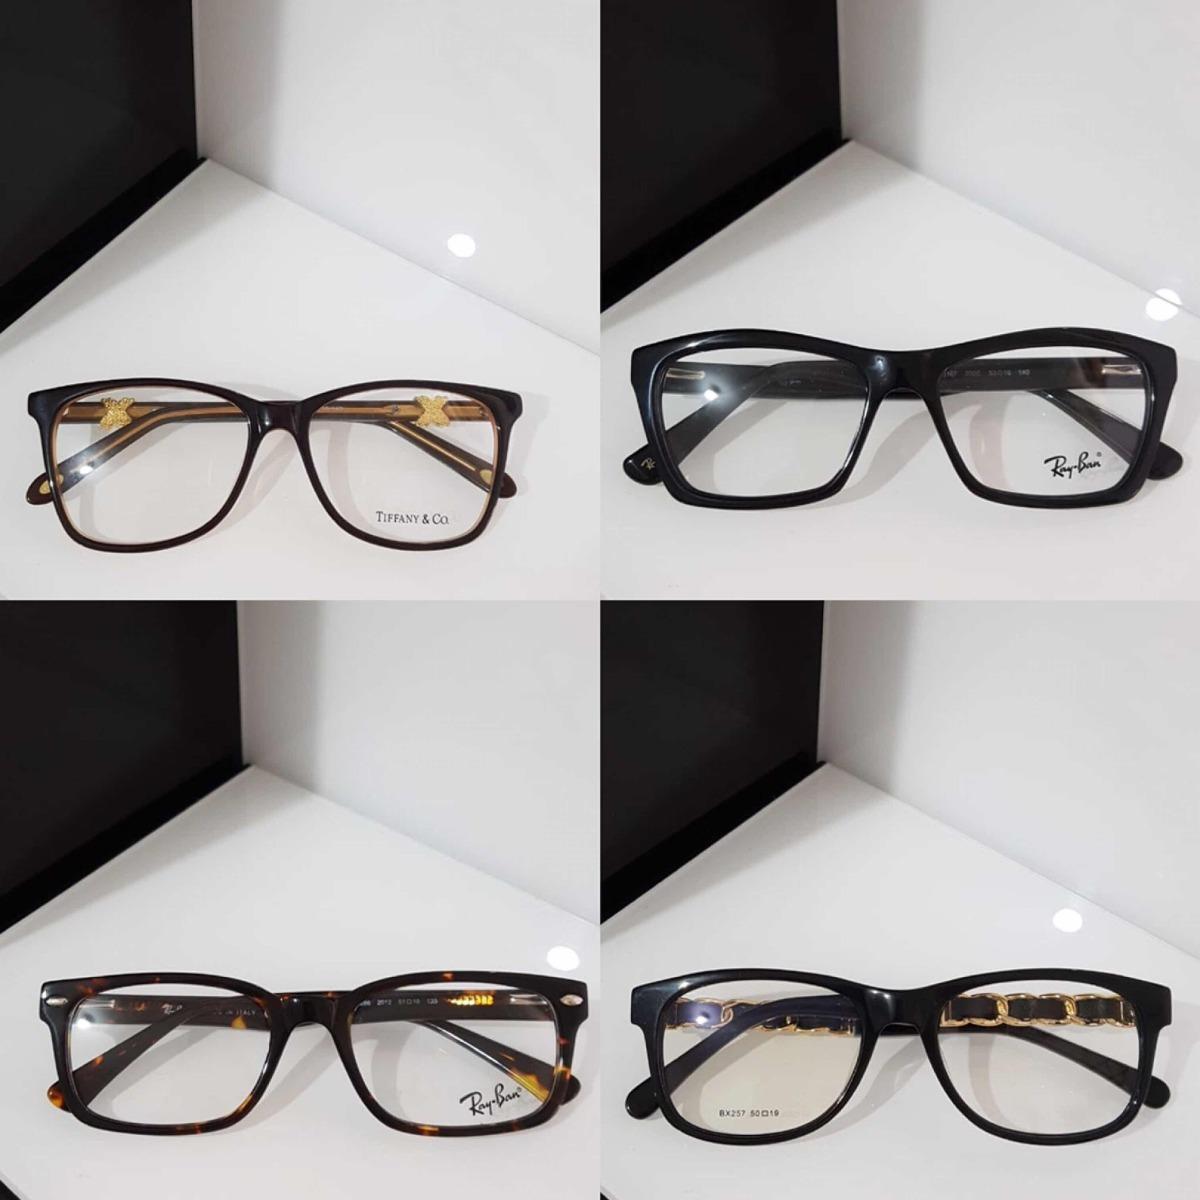 7bf28139ac armação óculos para grau tradicional mod importado promoção. Carregando  zoom.